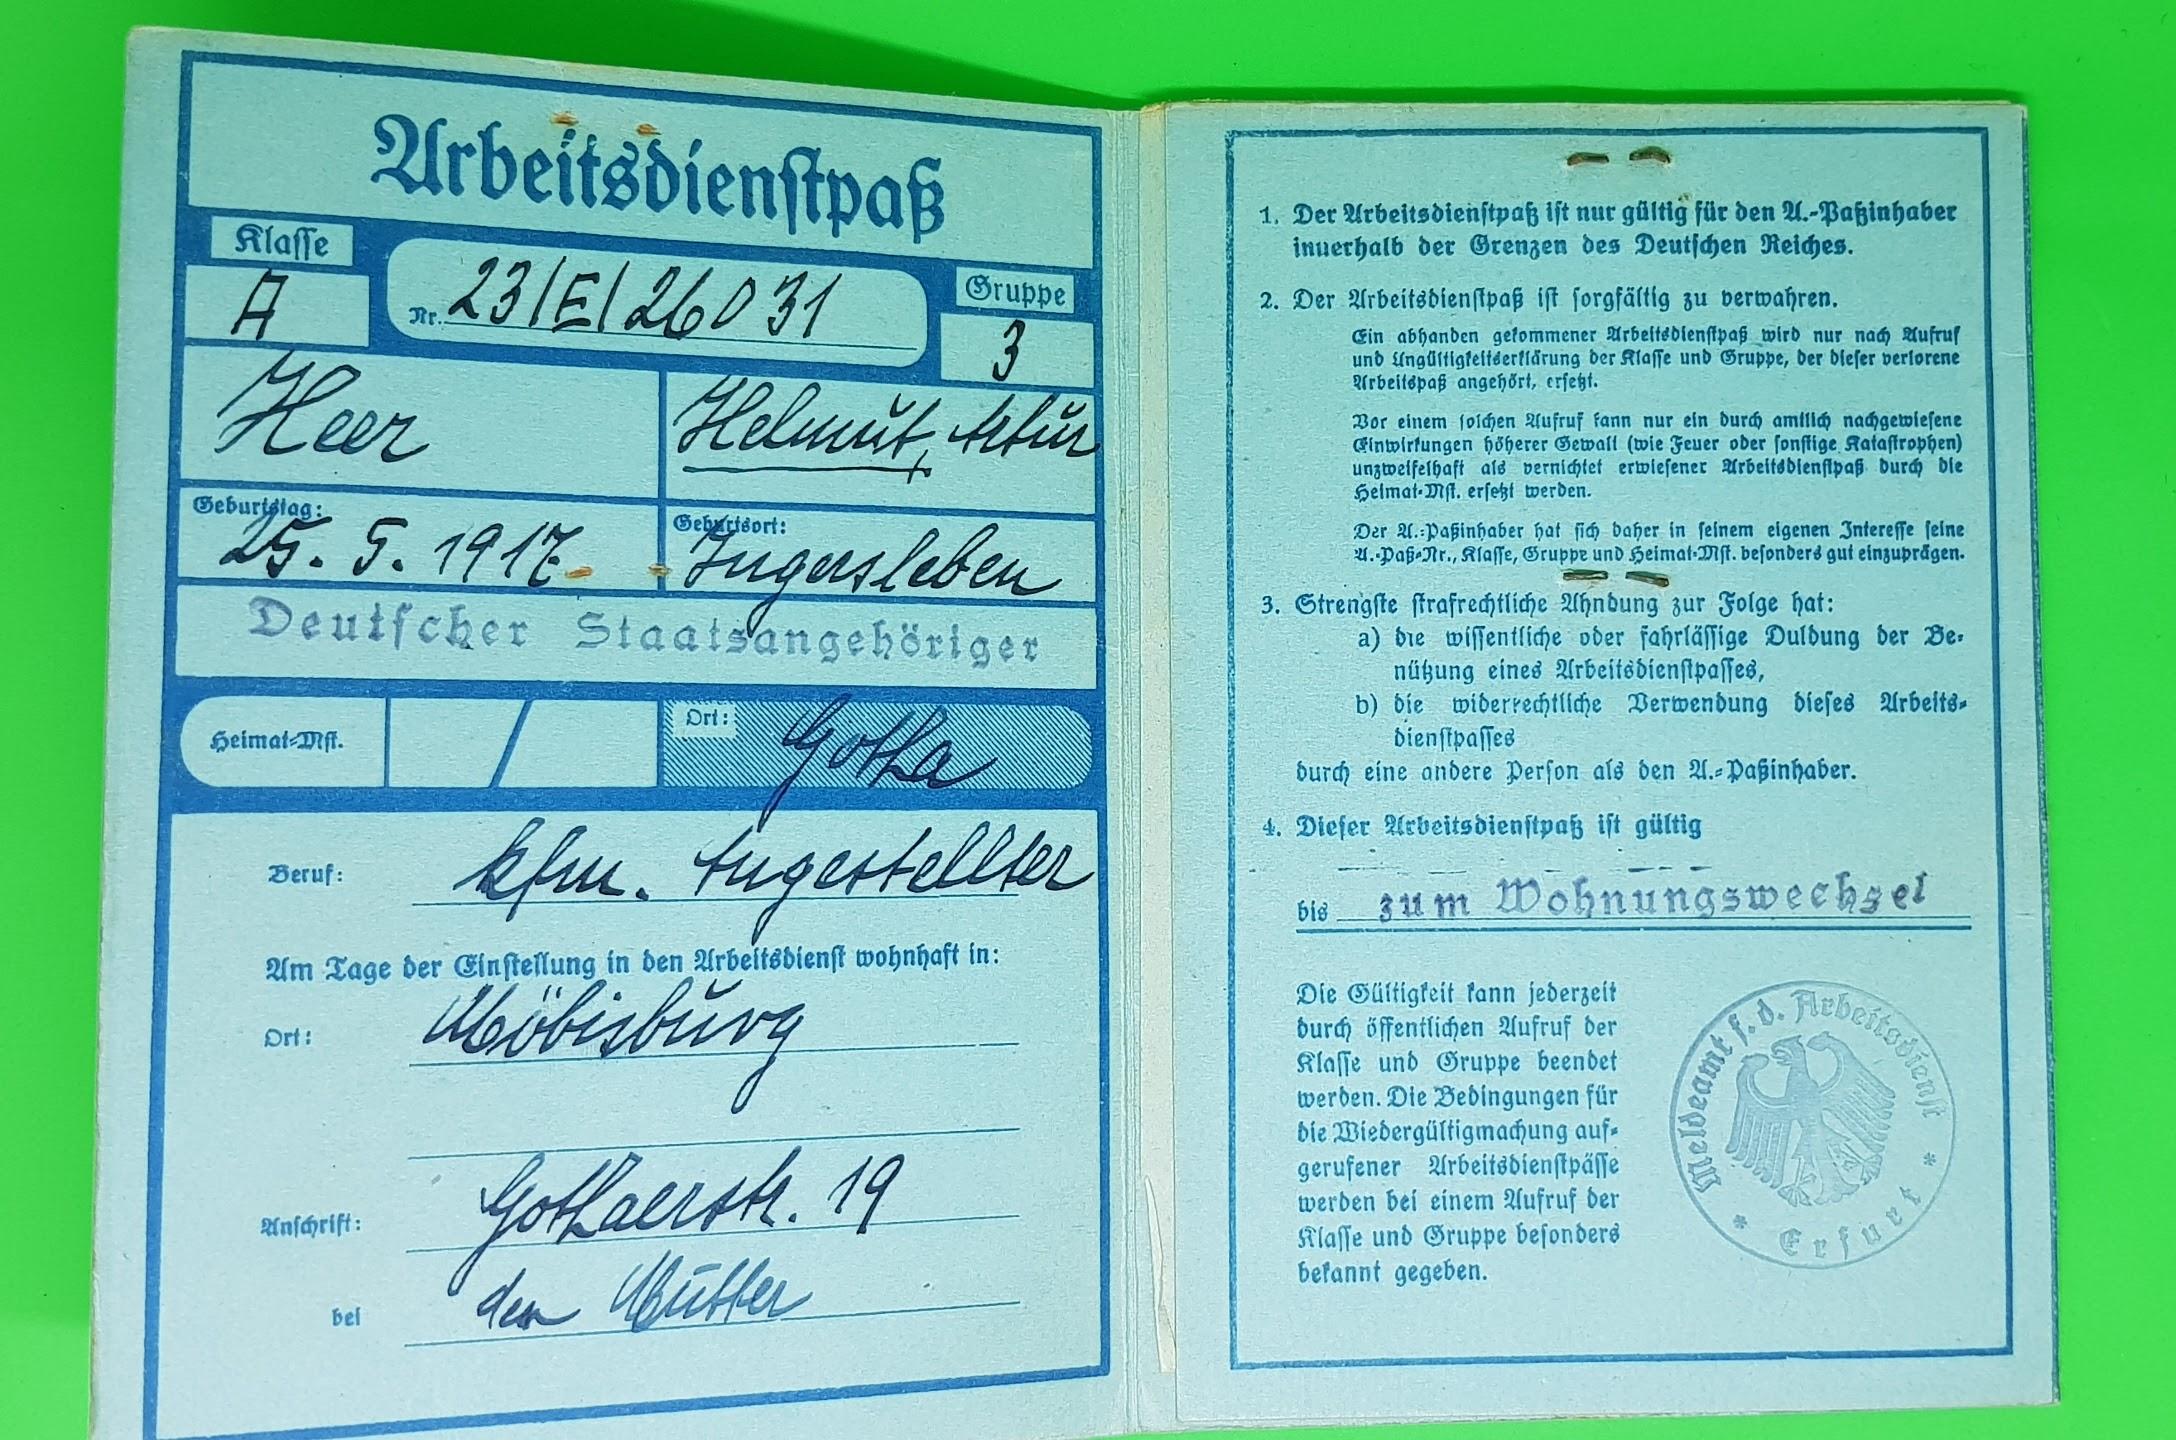 Arbeitsdienstpaß des Freiwilligen Arbeitsdienstes, Vorläufer des Reichsarbeitsdienstes, 1935